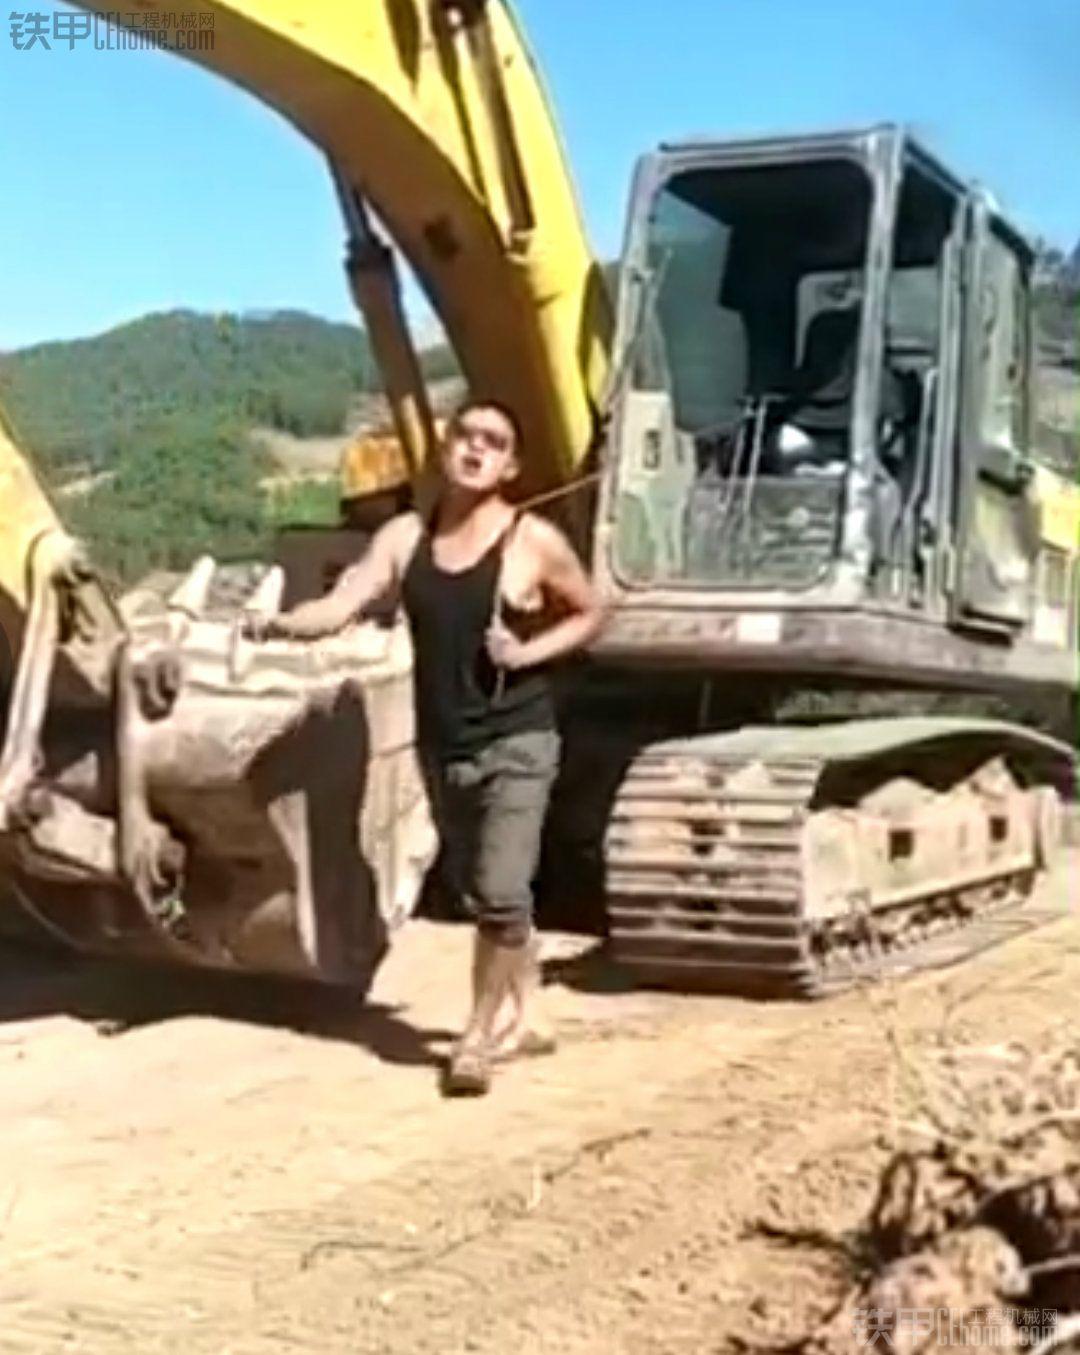 快手上看到的遛遛挖掘机 太会玩了